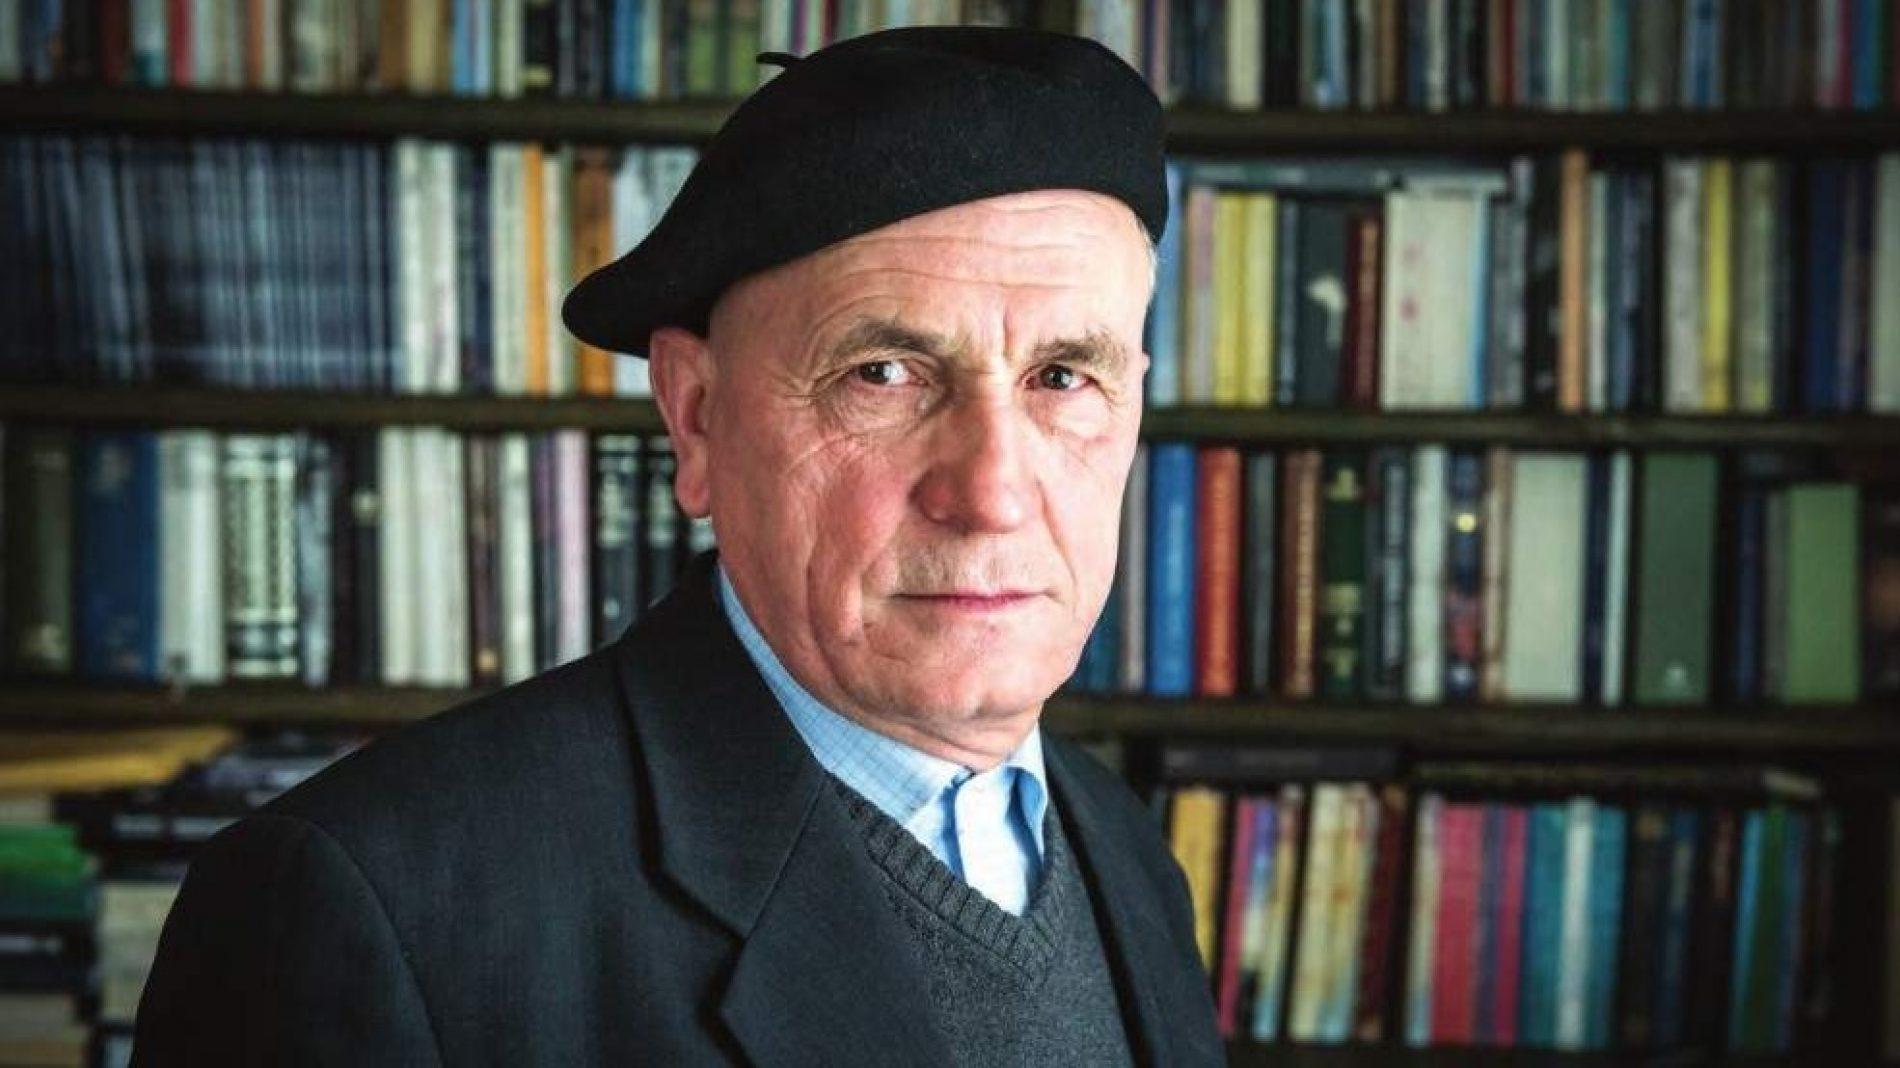 Spahić: Zašto je Andriću oprostivo što je bio najvjerniji njemački saradnik u Jugoslaviji?